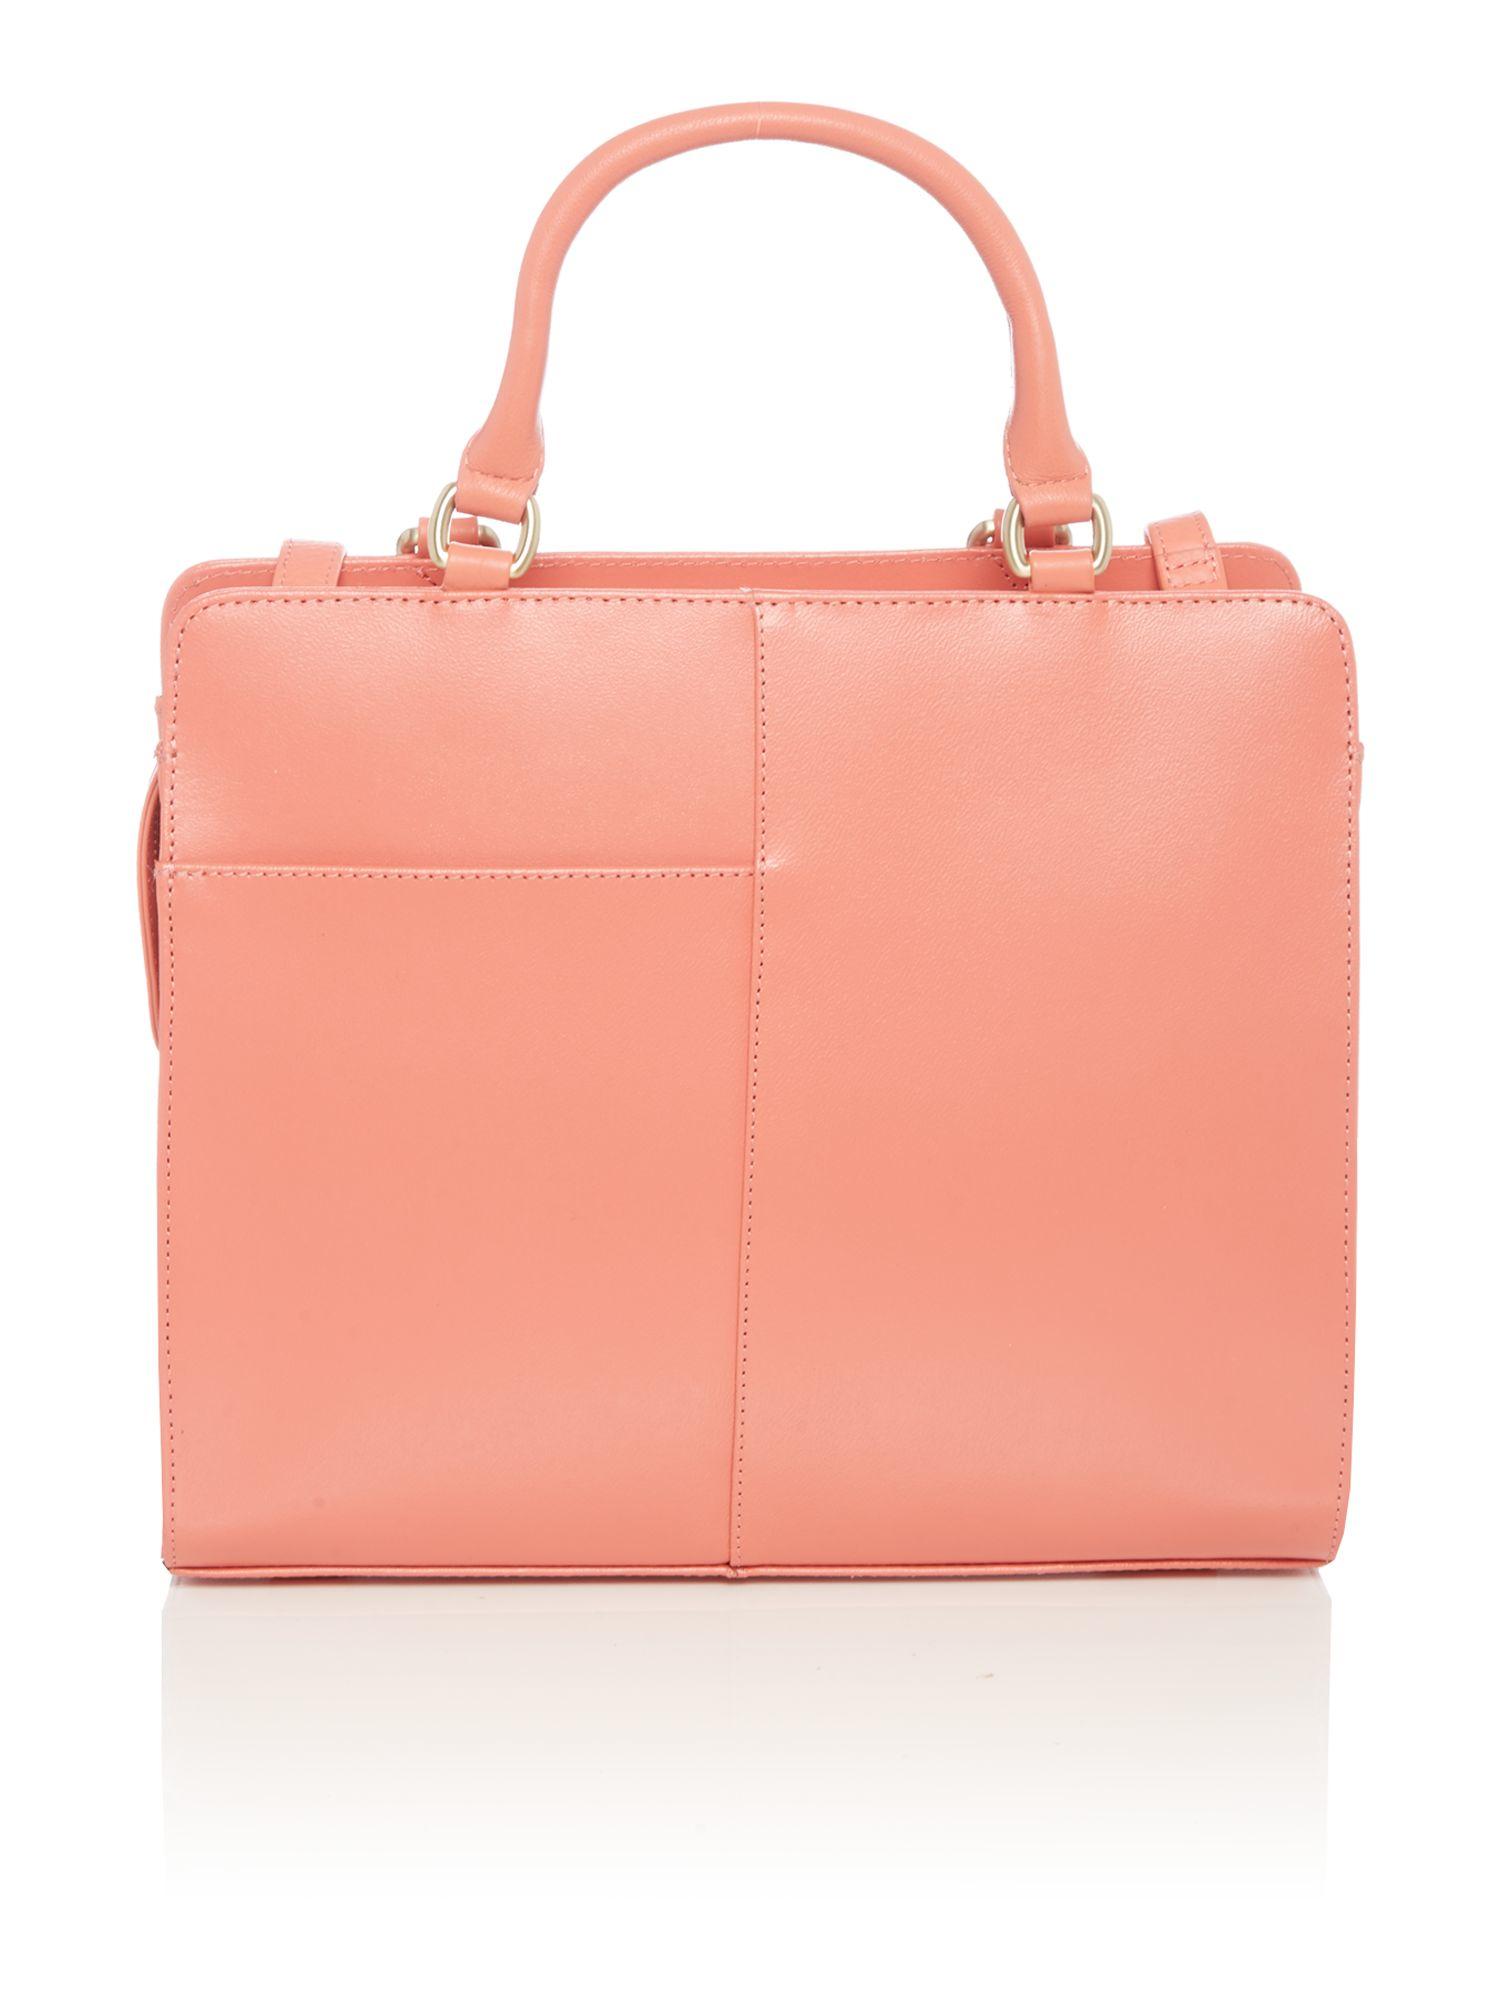 Radley Leather Clerkenwell Stripe Orange Medium Zip Tote Bag in Pink